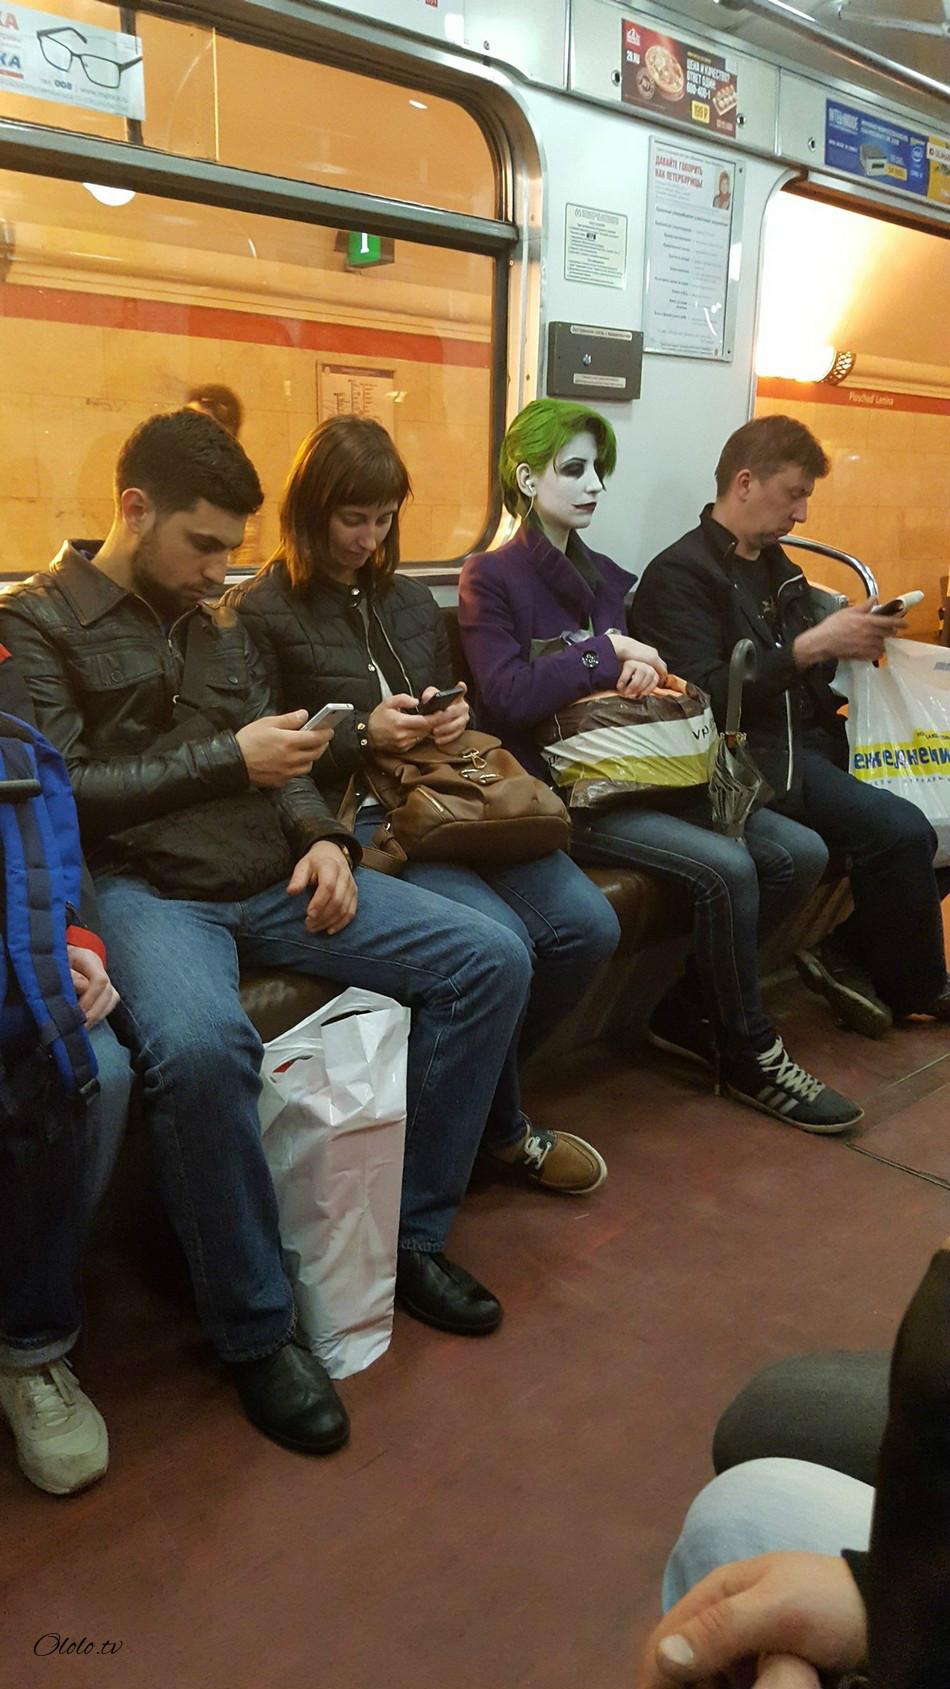 Модные люди в метро 2: осторожно, здесь может быть ваша фотография! рис 19